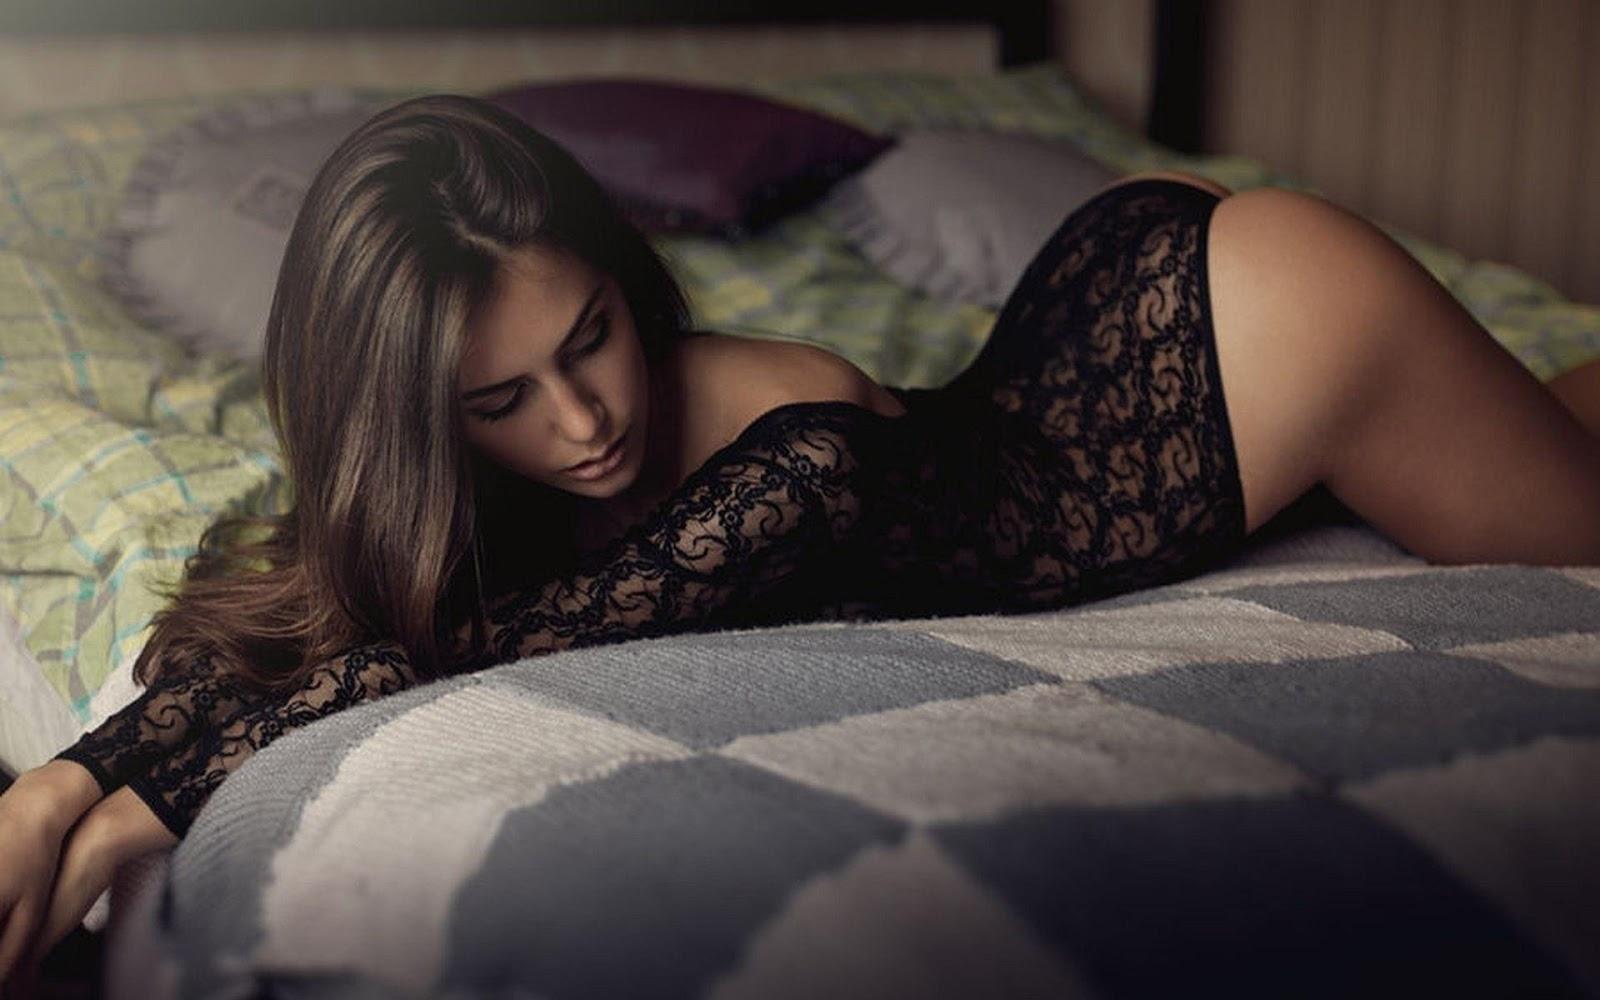 Как снять проститутку в Киеве